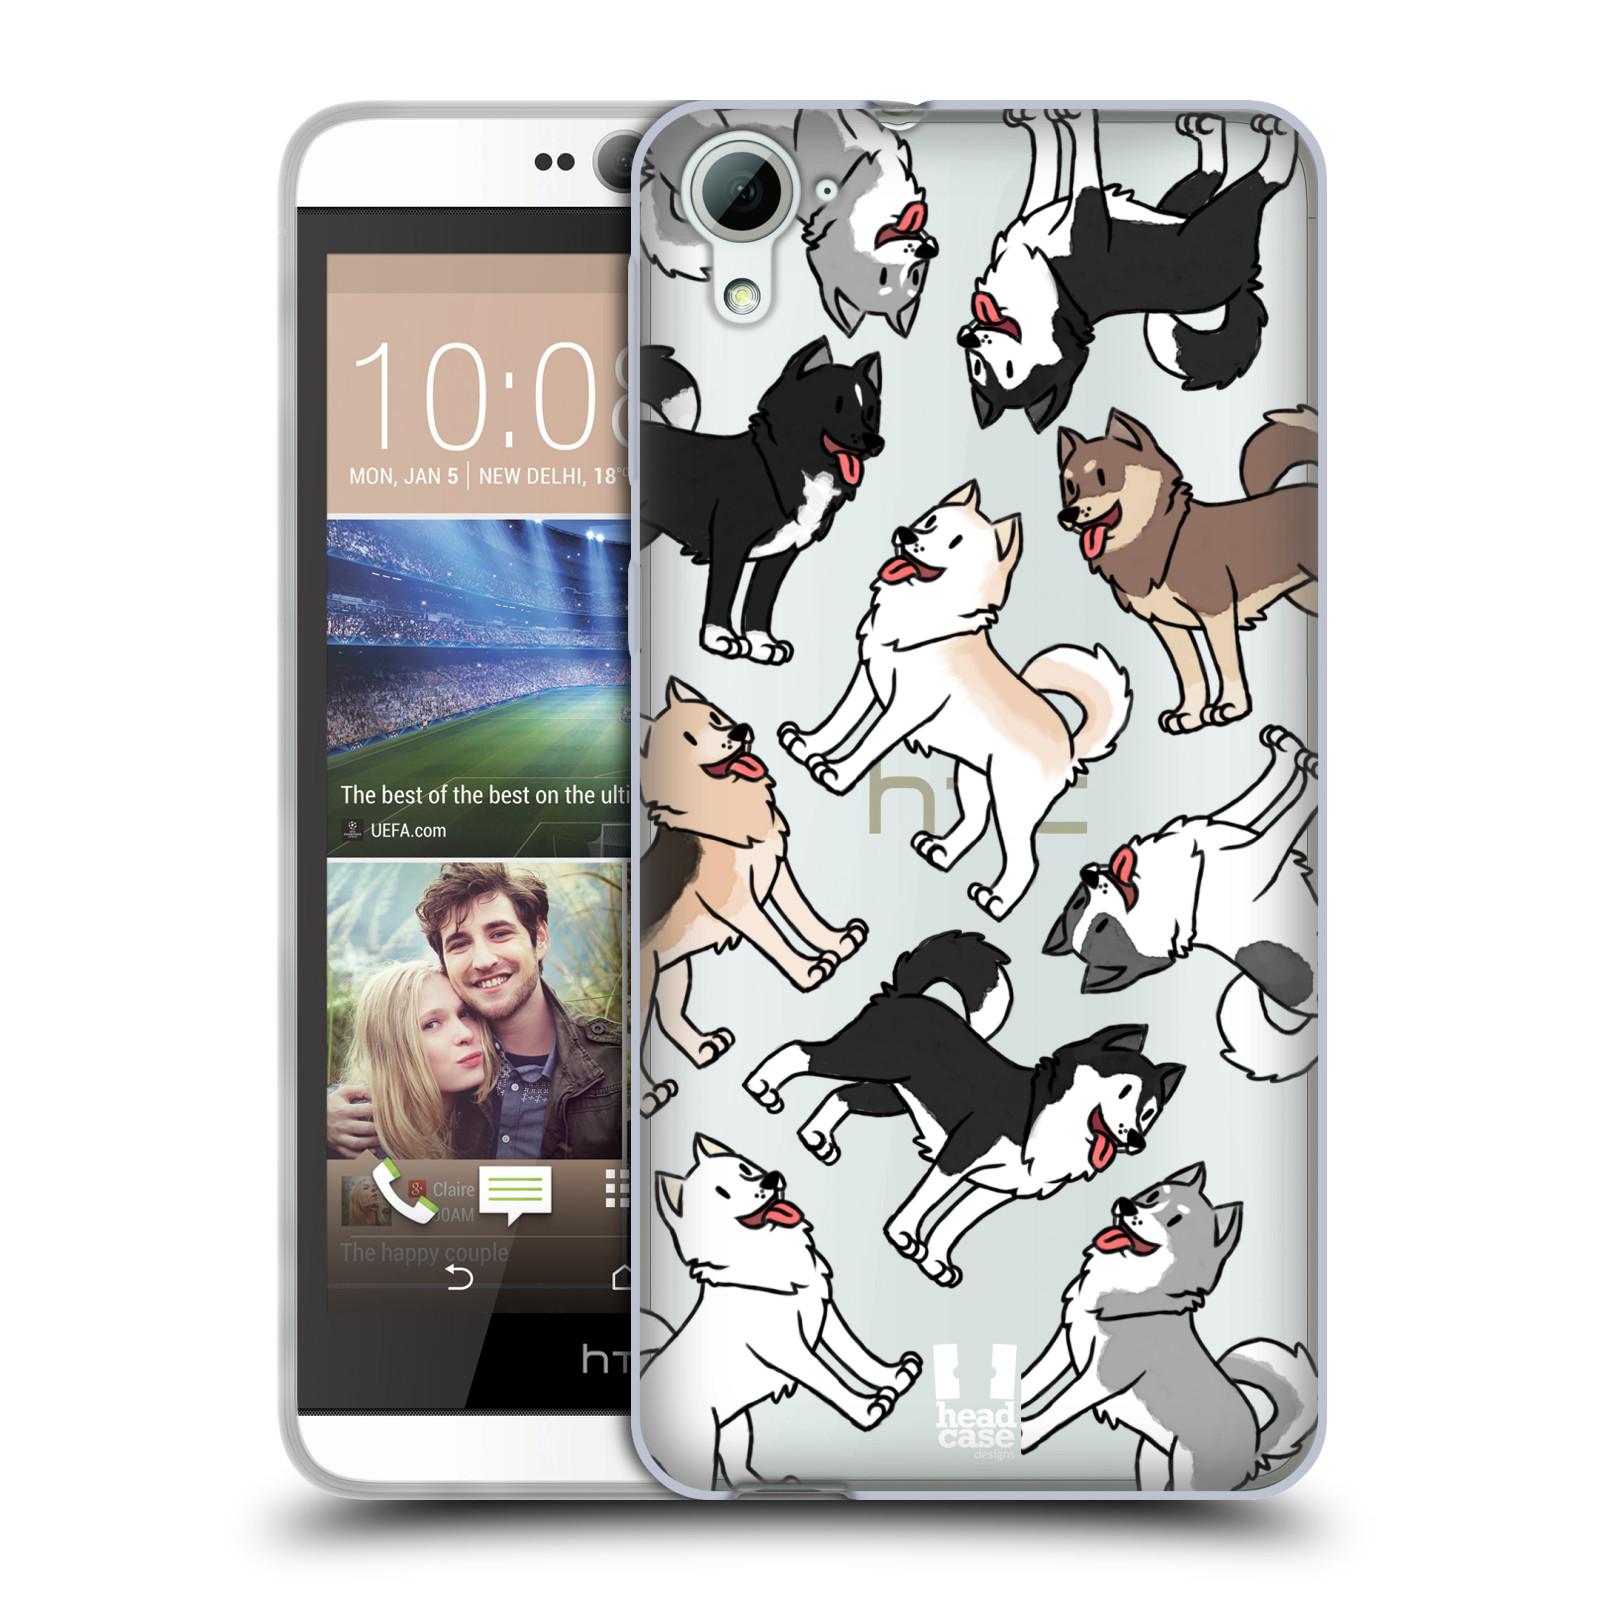 HEAD CASE silikonový obal na mobil HTC Desire 826 pejsek Sibiřský husky